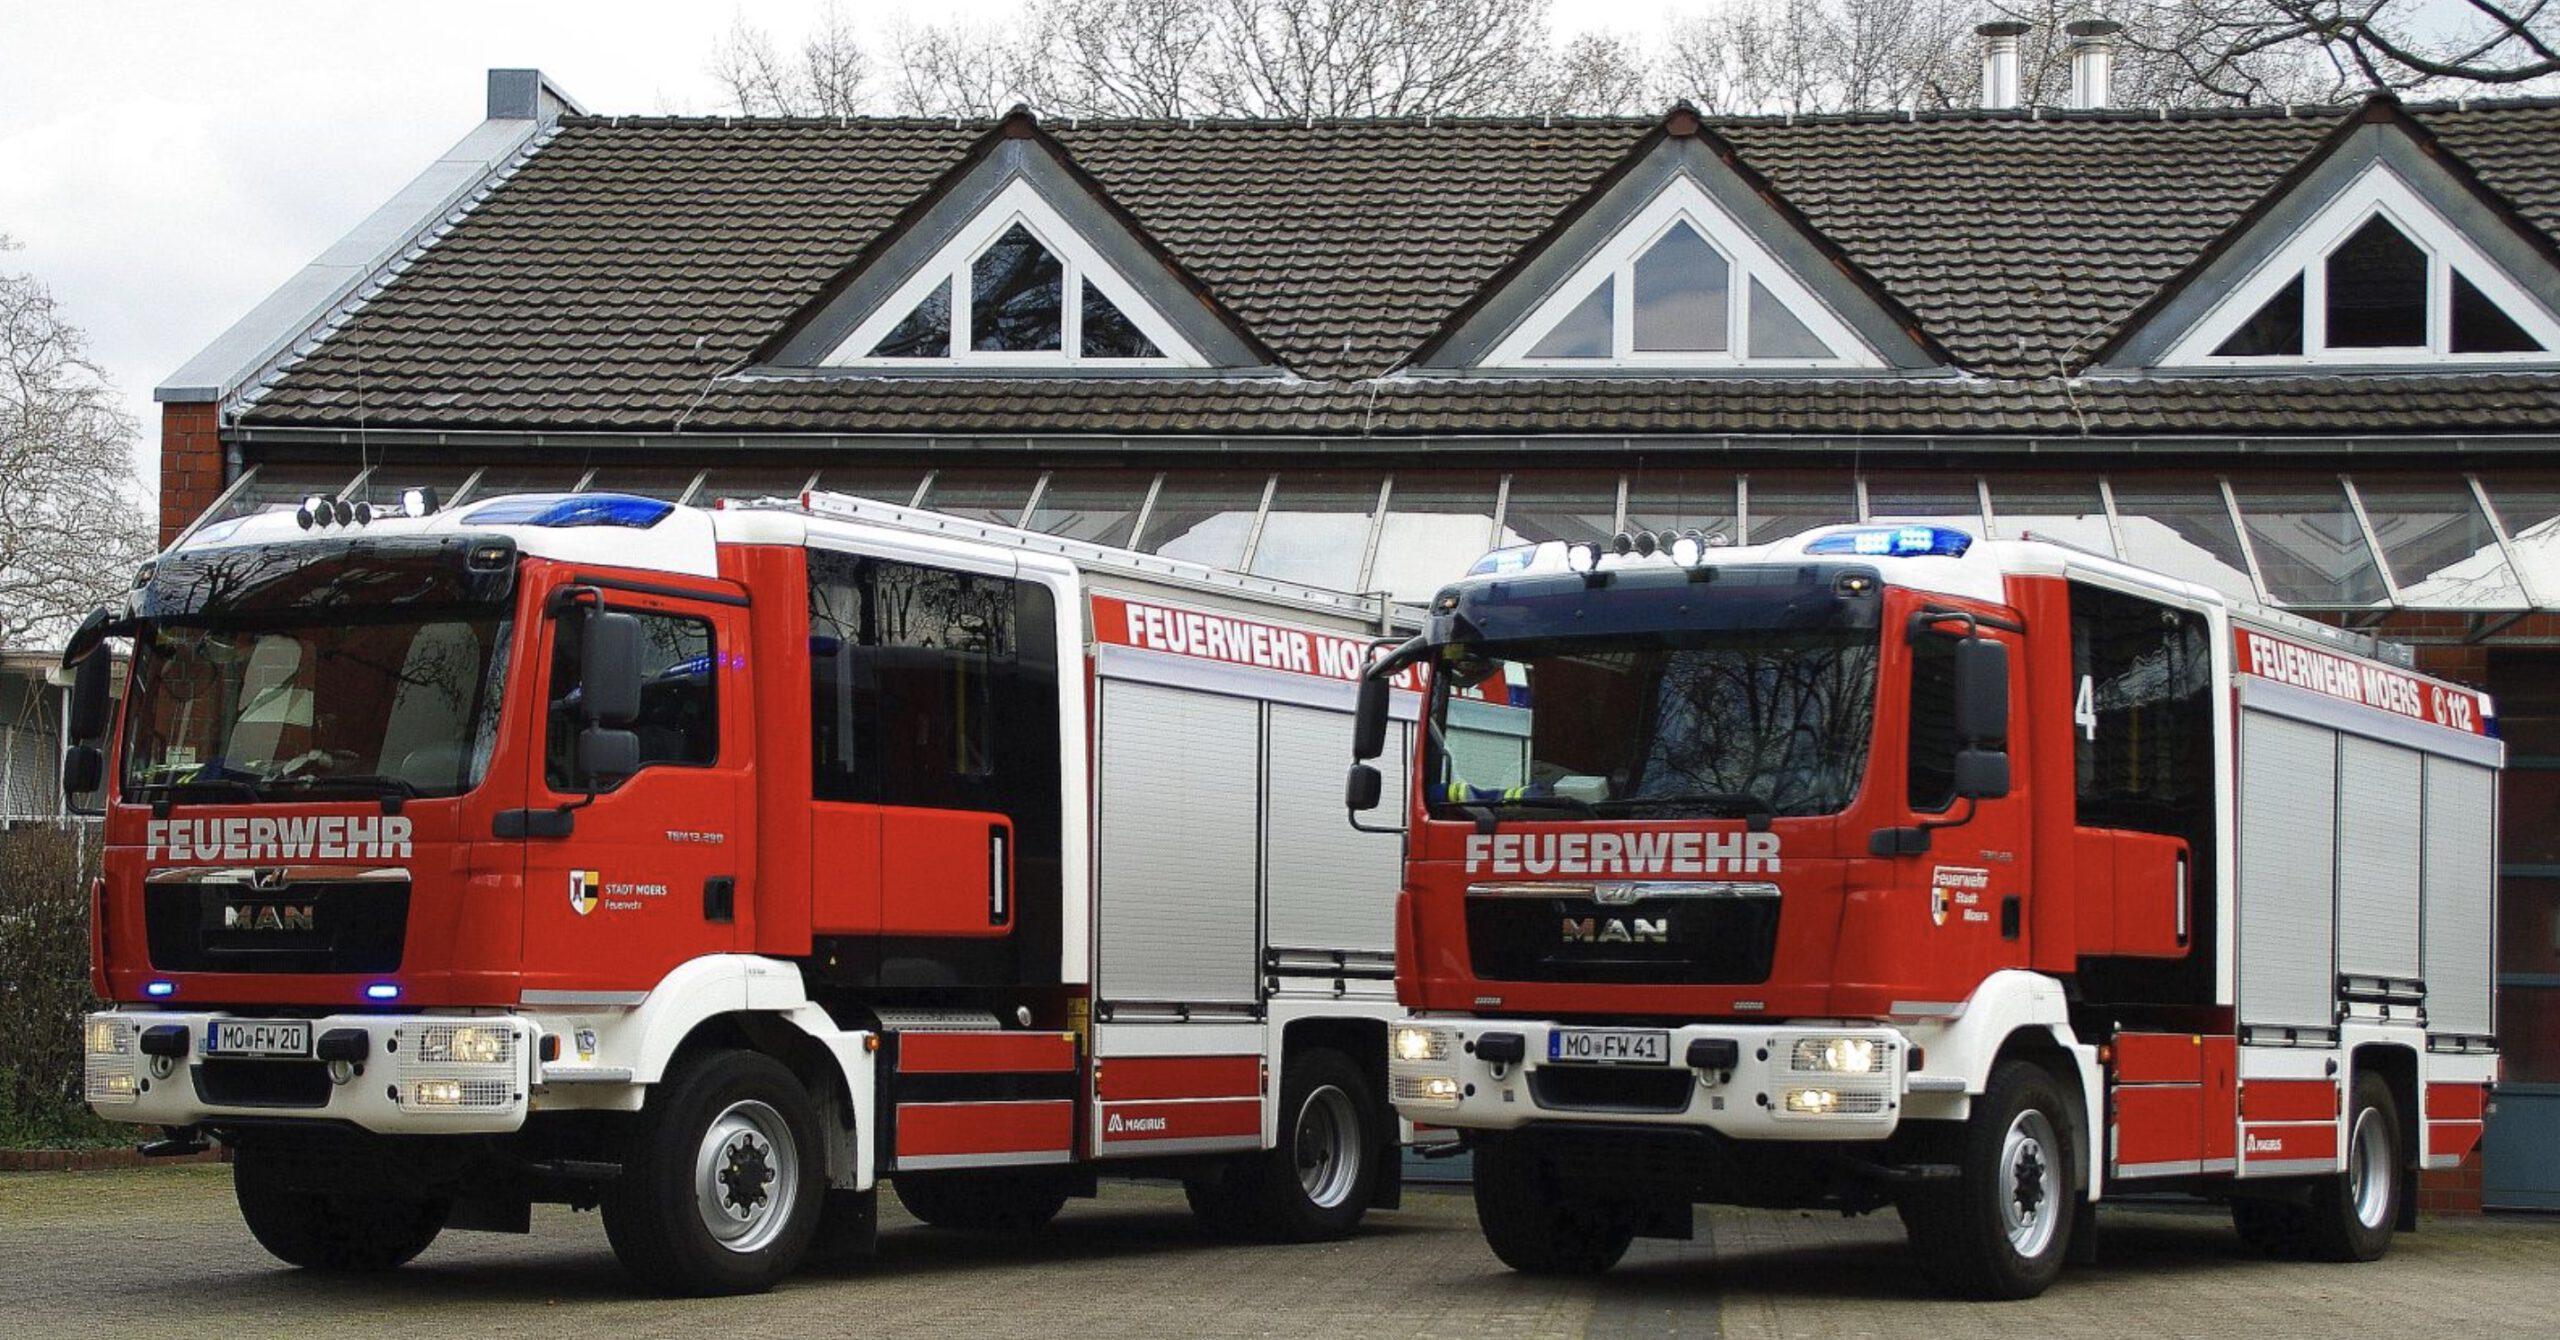 Neues Löschfahrzeug in Scherpenberg